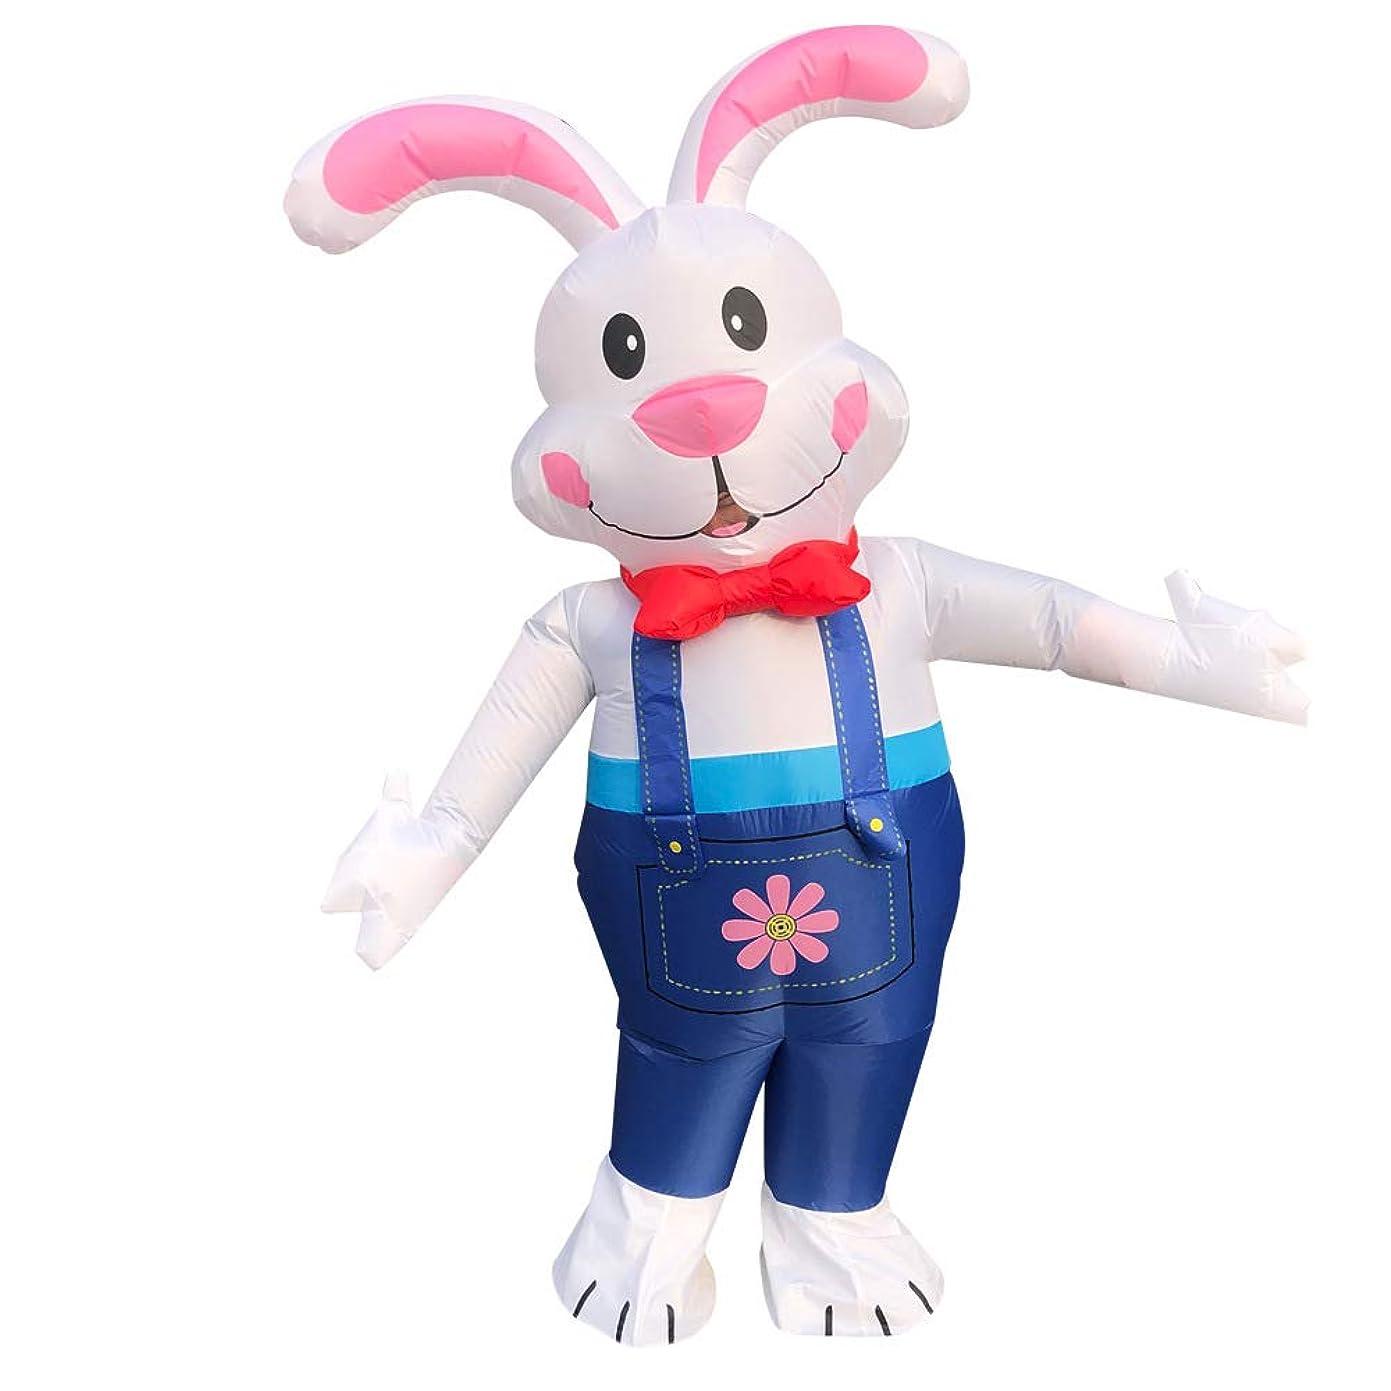 形容詞ご覧ください失速ハロウィン 人気 コスプレ うさぎ 着ぐるみ 空気充填 膨らむ 衣装セット 変装 仮装 大人用 面白グッズ ジョークグッズ ものまね クリスマス プレゼント イベント パーティー USB携帶充電サポートです (White-Easter Bunny)